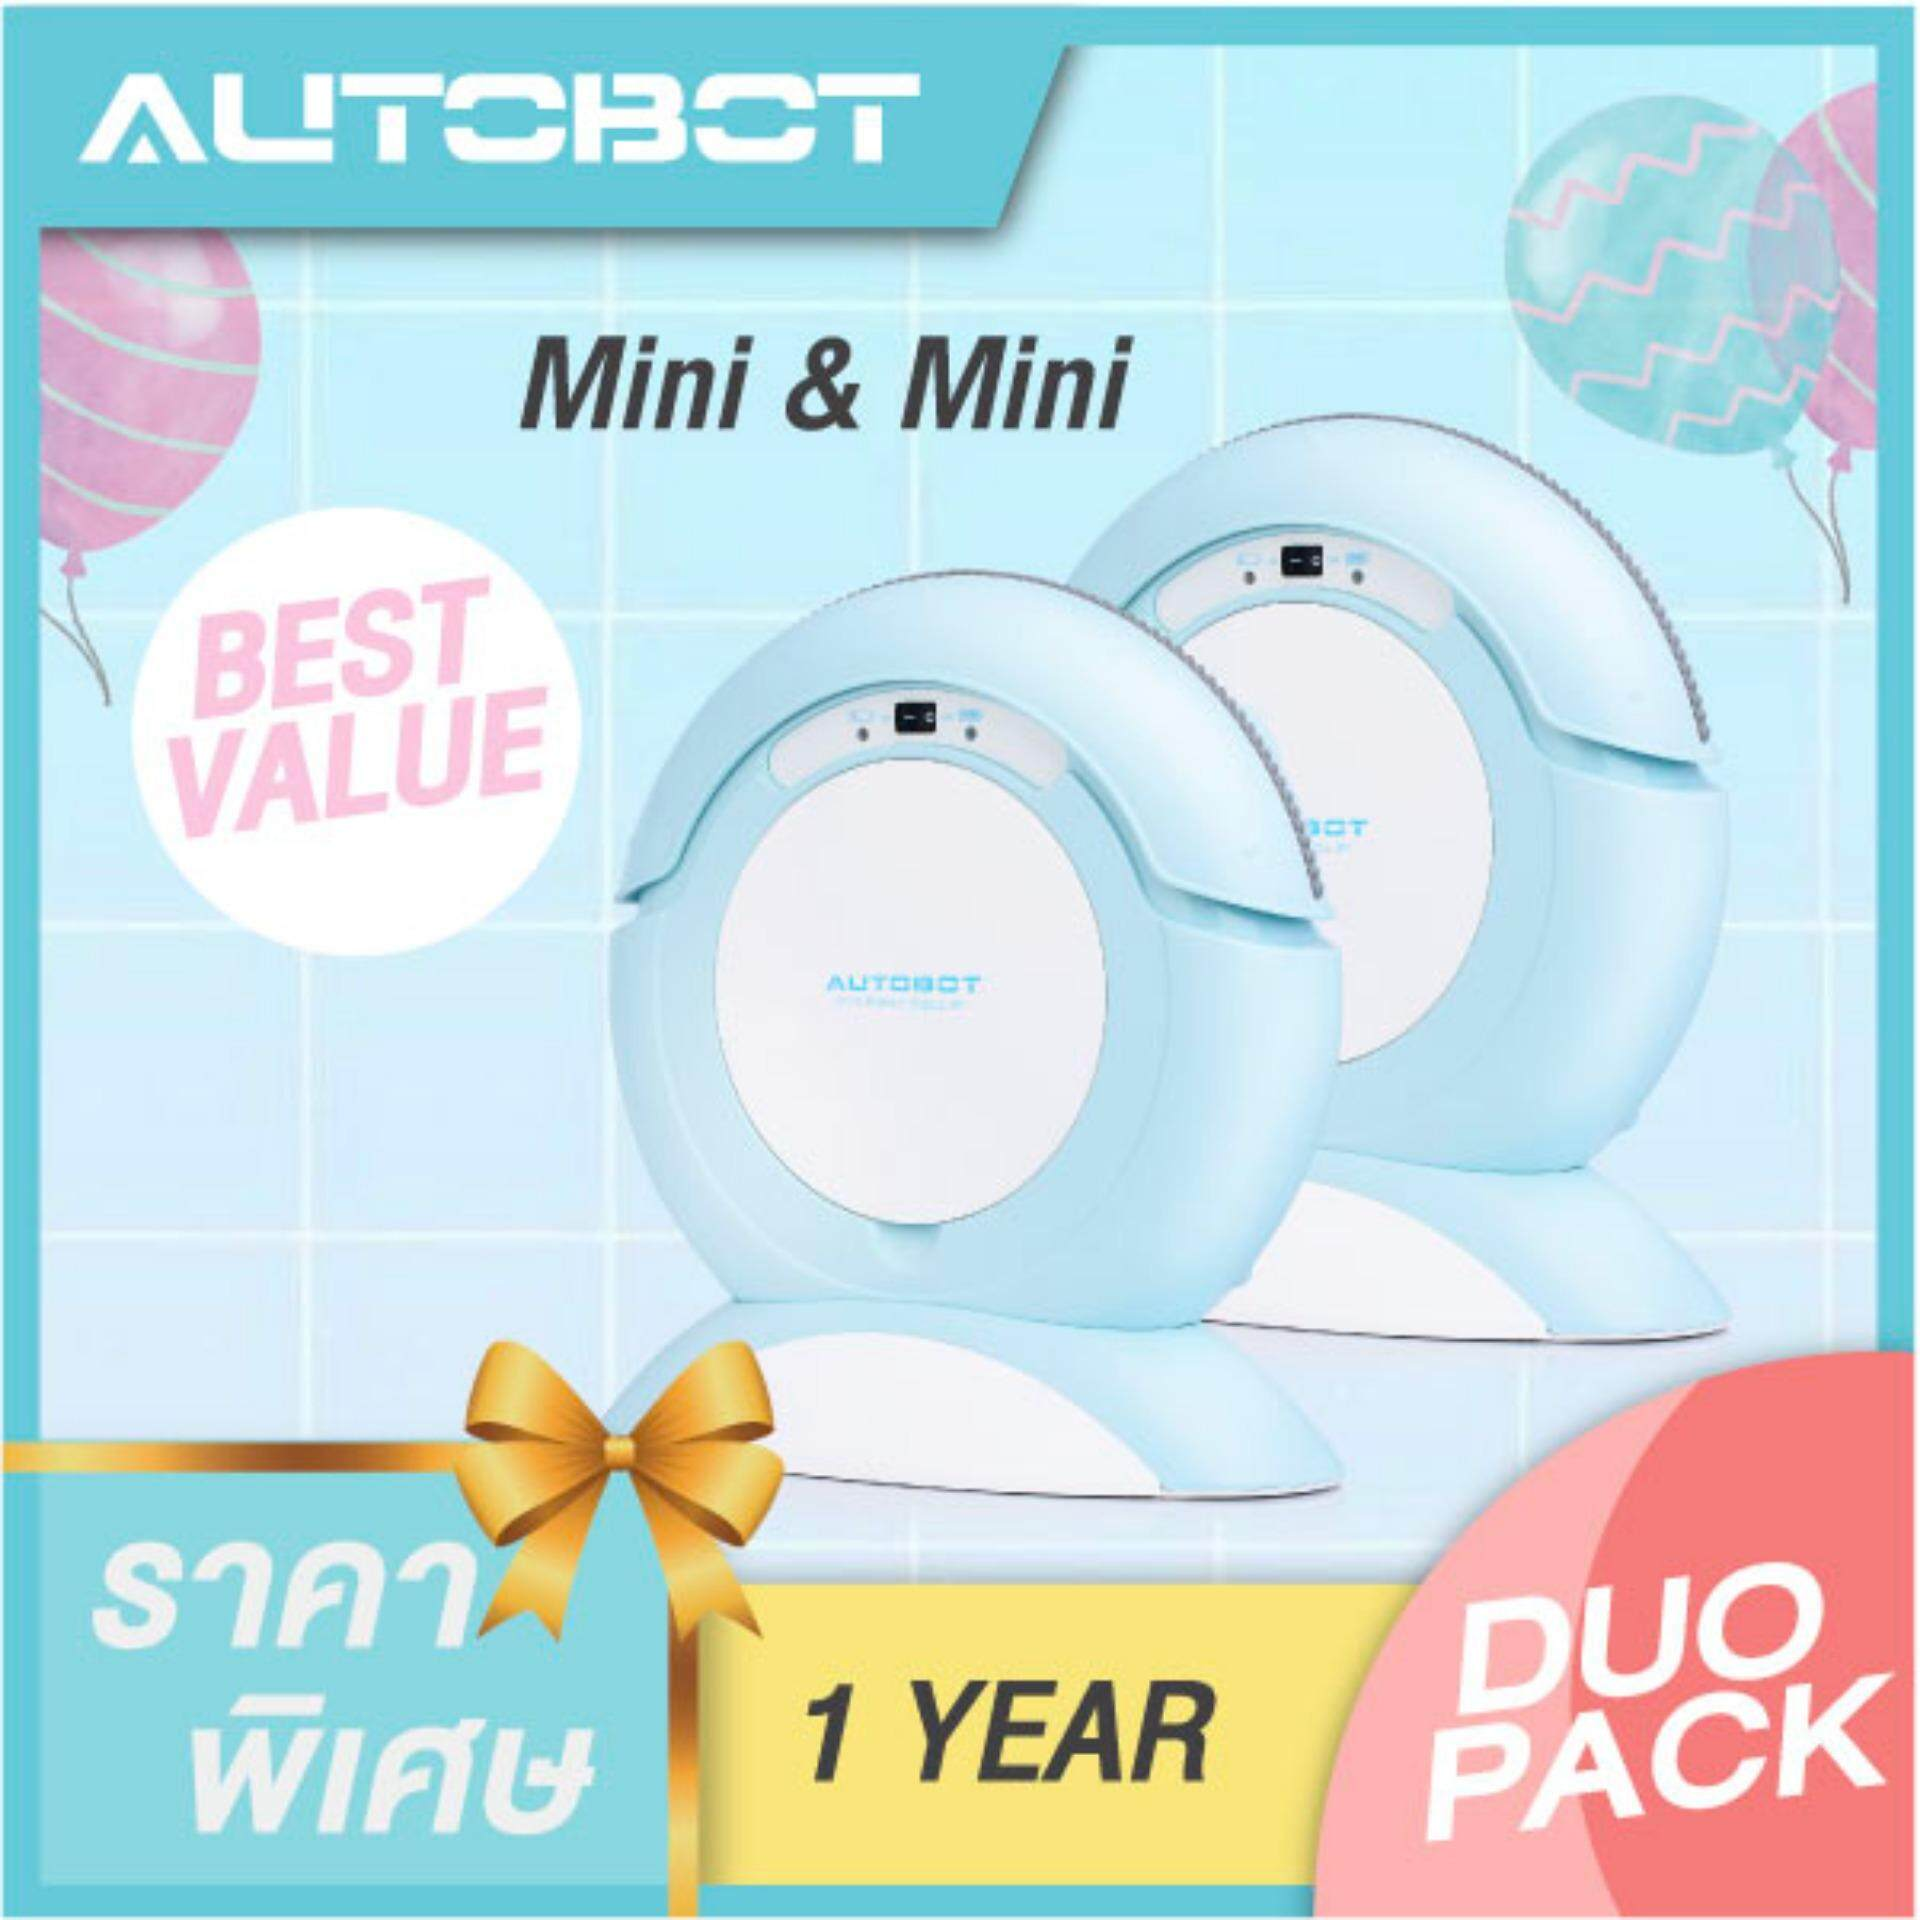 ข้อดีข้อเสีย  [ ผ่อน 0% ] AUTOBOT หุ่นยนต์ดูดฝุ่น แพ็คคู่ยอดนิยม เครื่องดูดฝุ่น โรบอท รุ่น MINI robot vacuum cleaner (Blue / Blue) ลดราคา